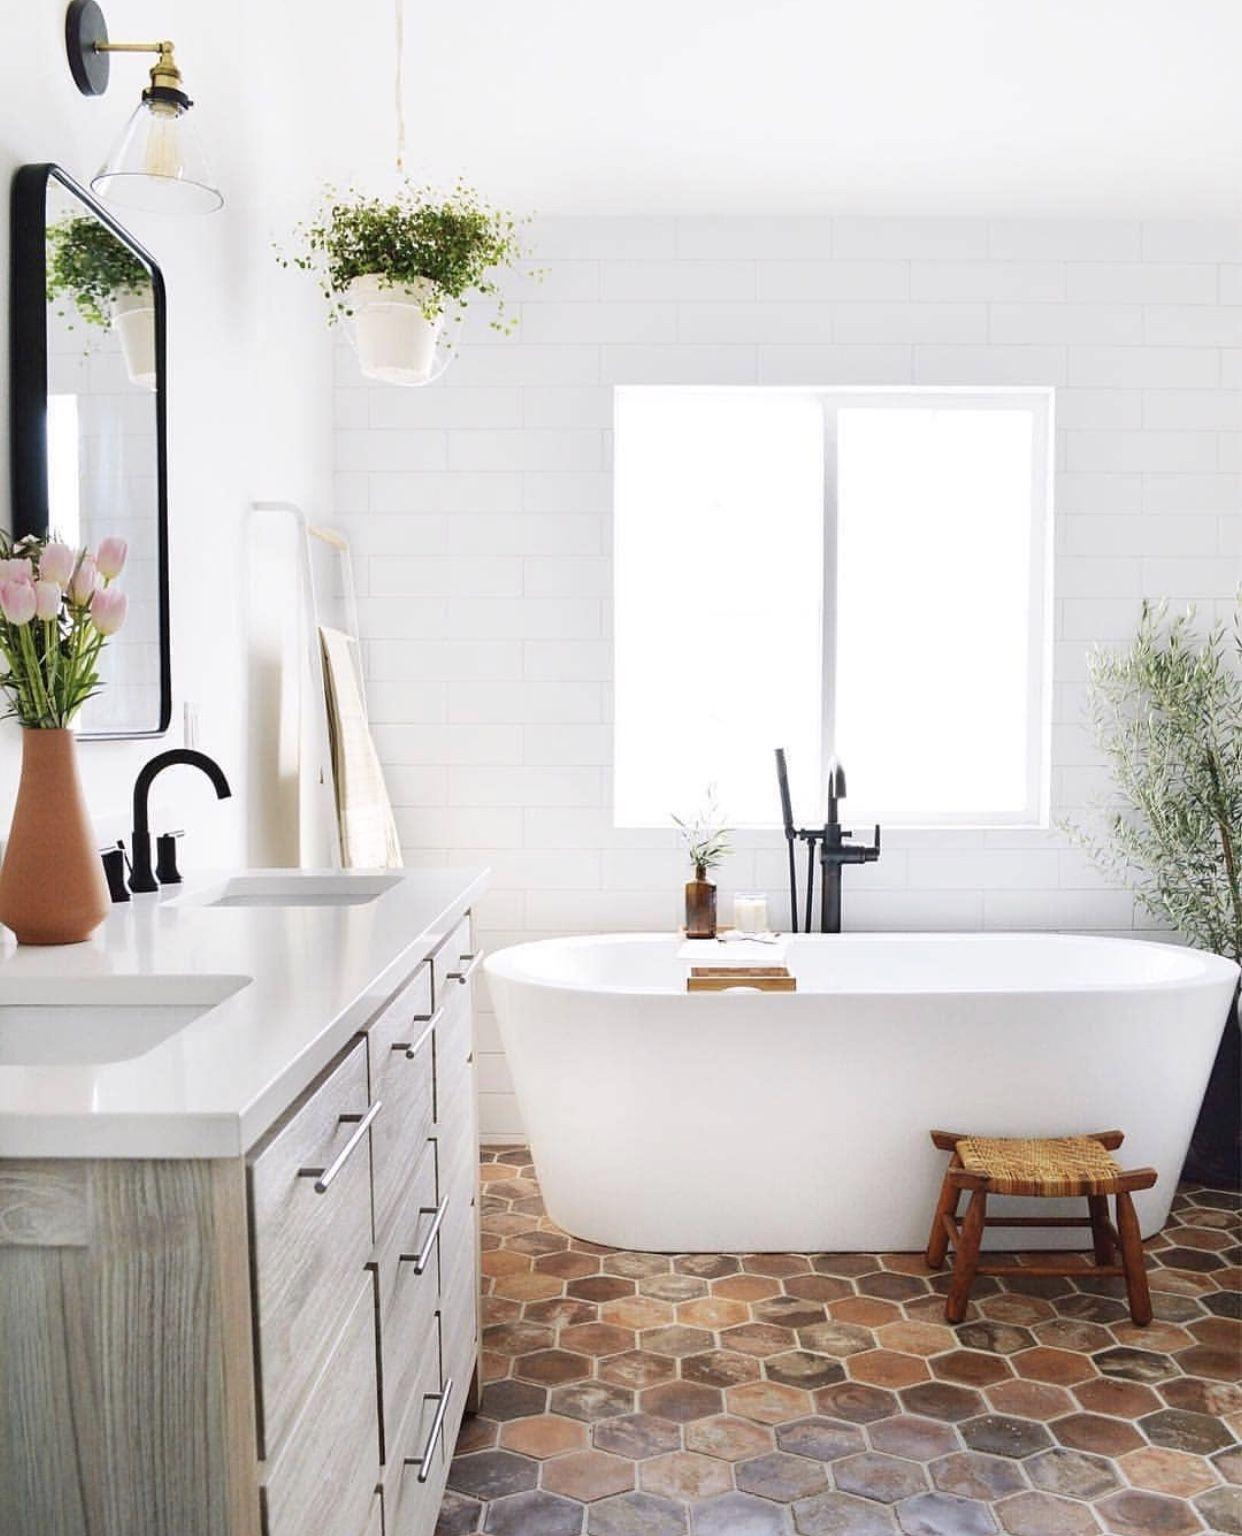 Bathroom Salles De Bains De Style Espagnol Decoration Salle De Bain Styles De Salles De Bain